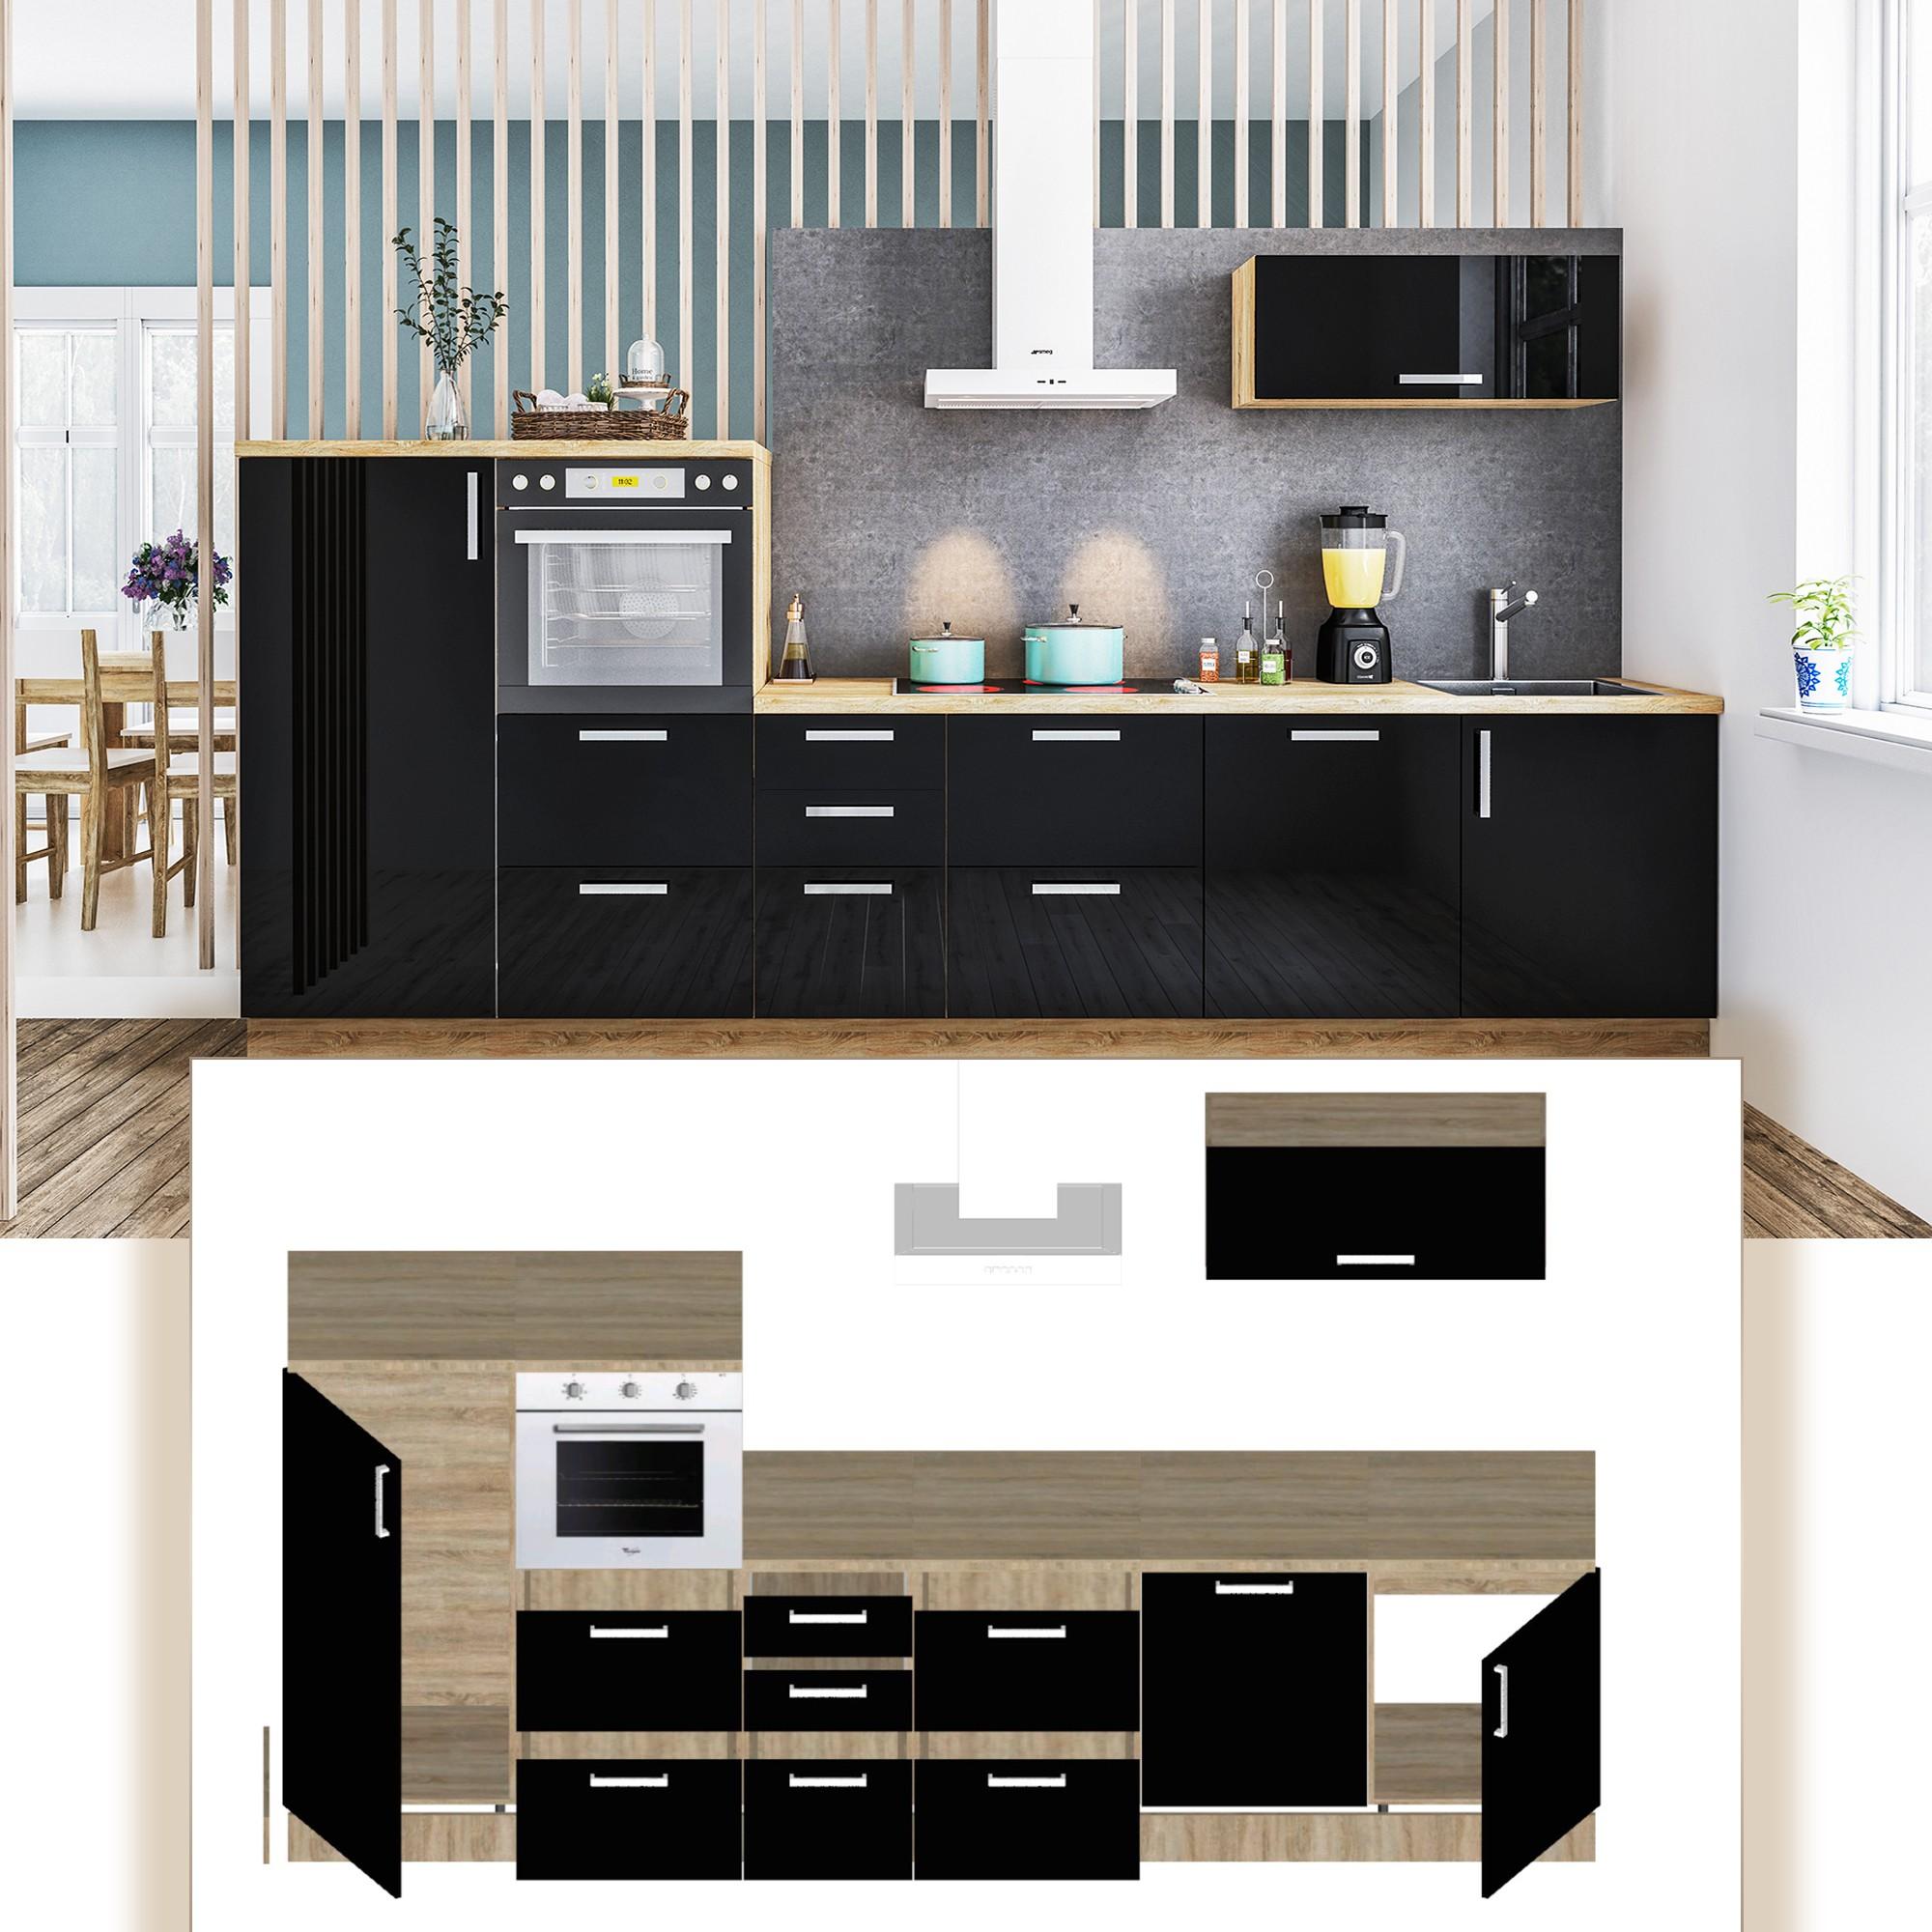 Full Size of Küche Mit E Geräten U Form Küche Mit E Geräten 2 80 Küche Mit E Geräten Und Waschmaschine Küche Mit E Geräten Sofort Lieferbar Küche Einbauküche Mit E Geräten